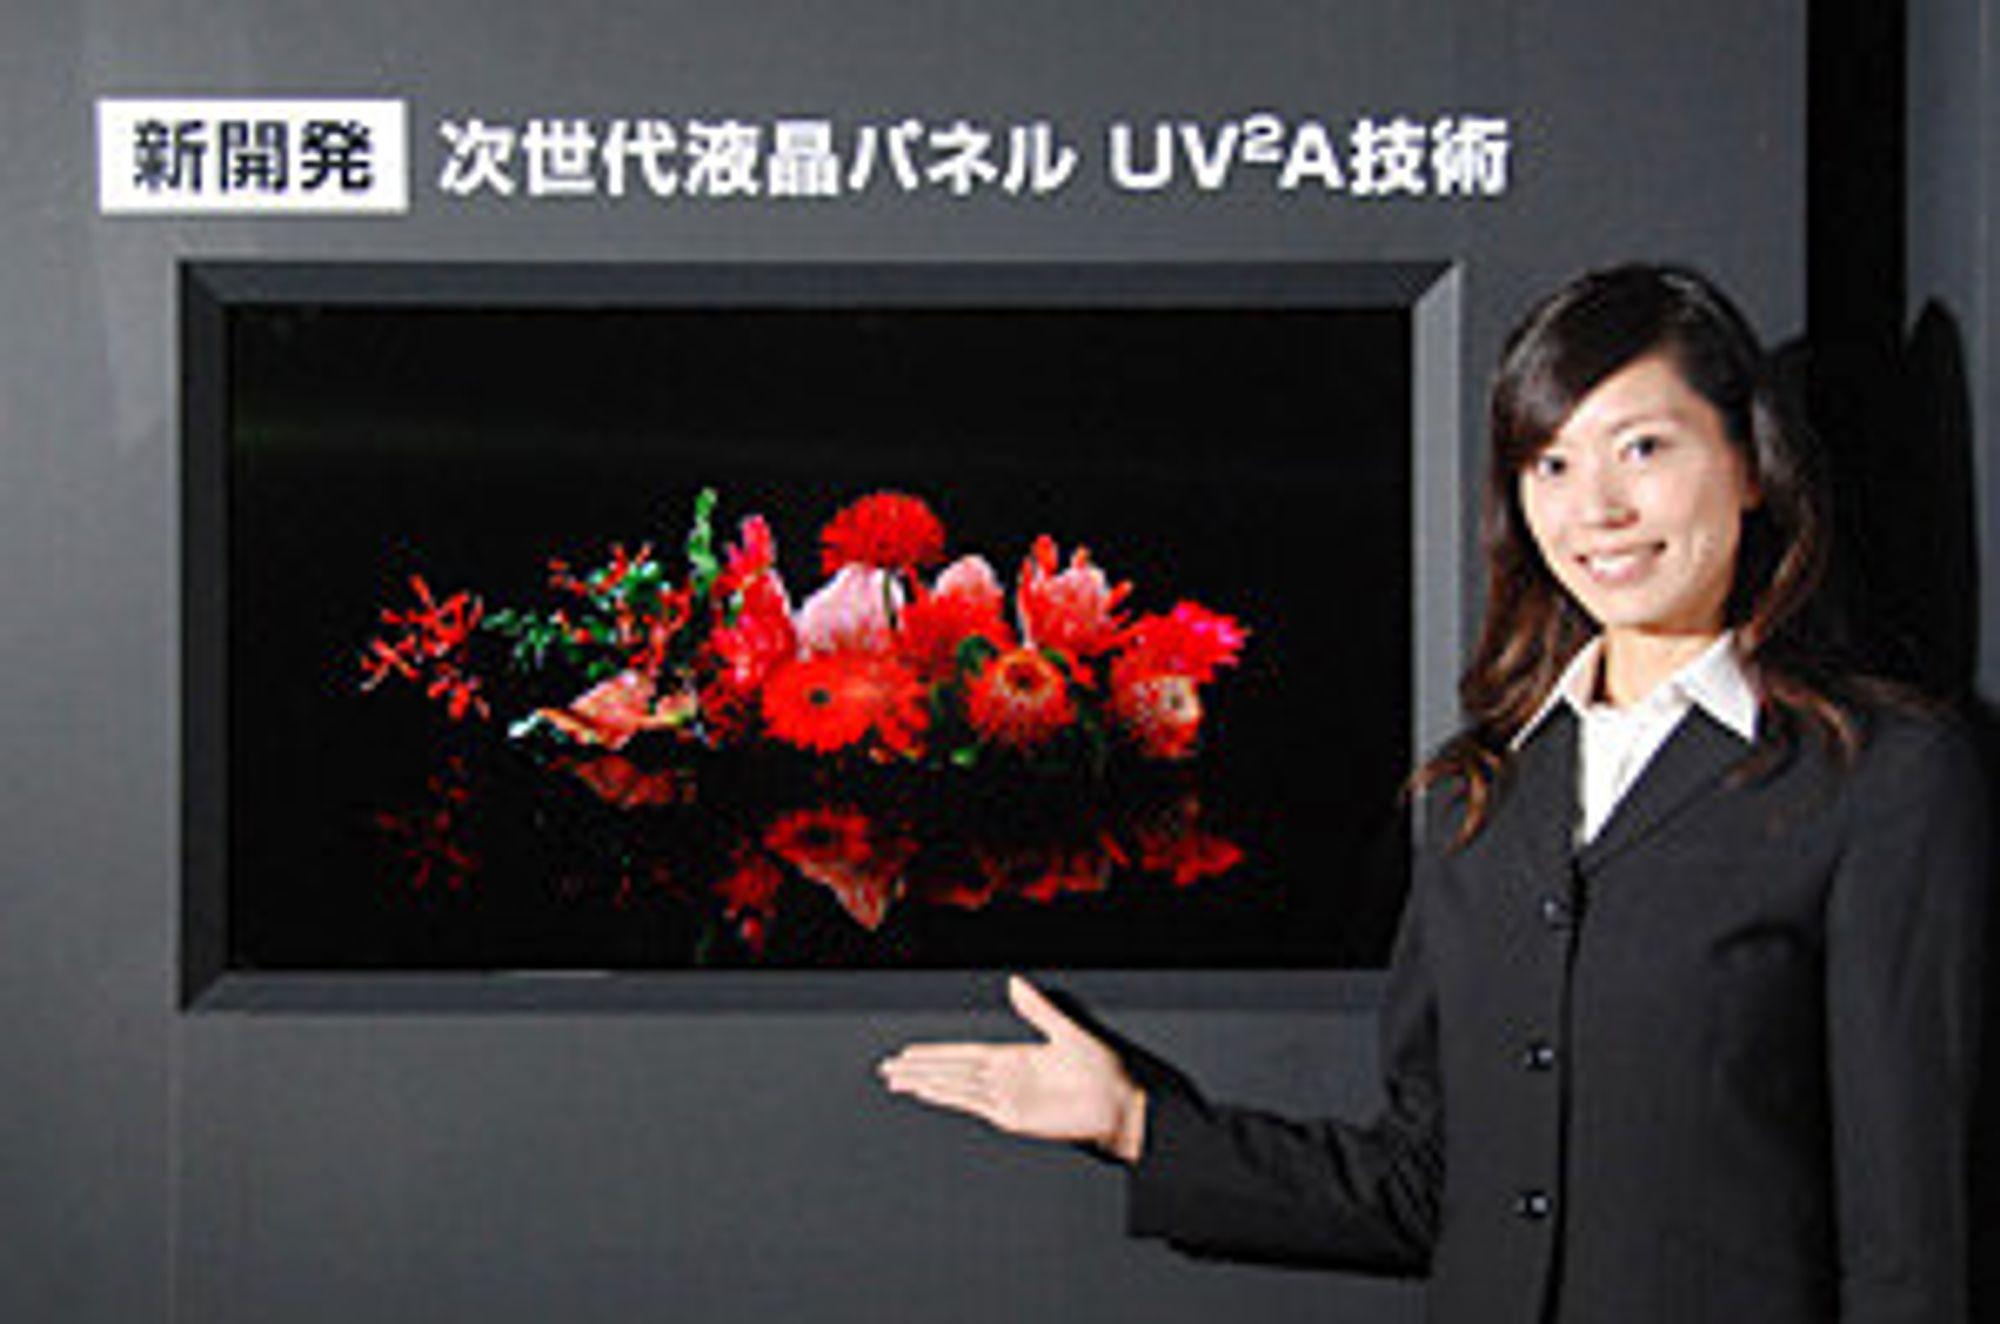 Tidlig prototype på LCD-skjerm med UV2A-teknologi